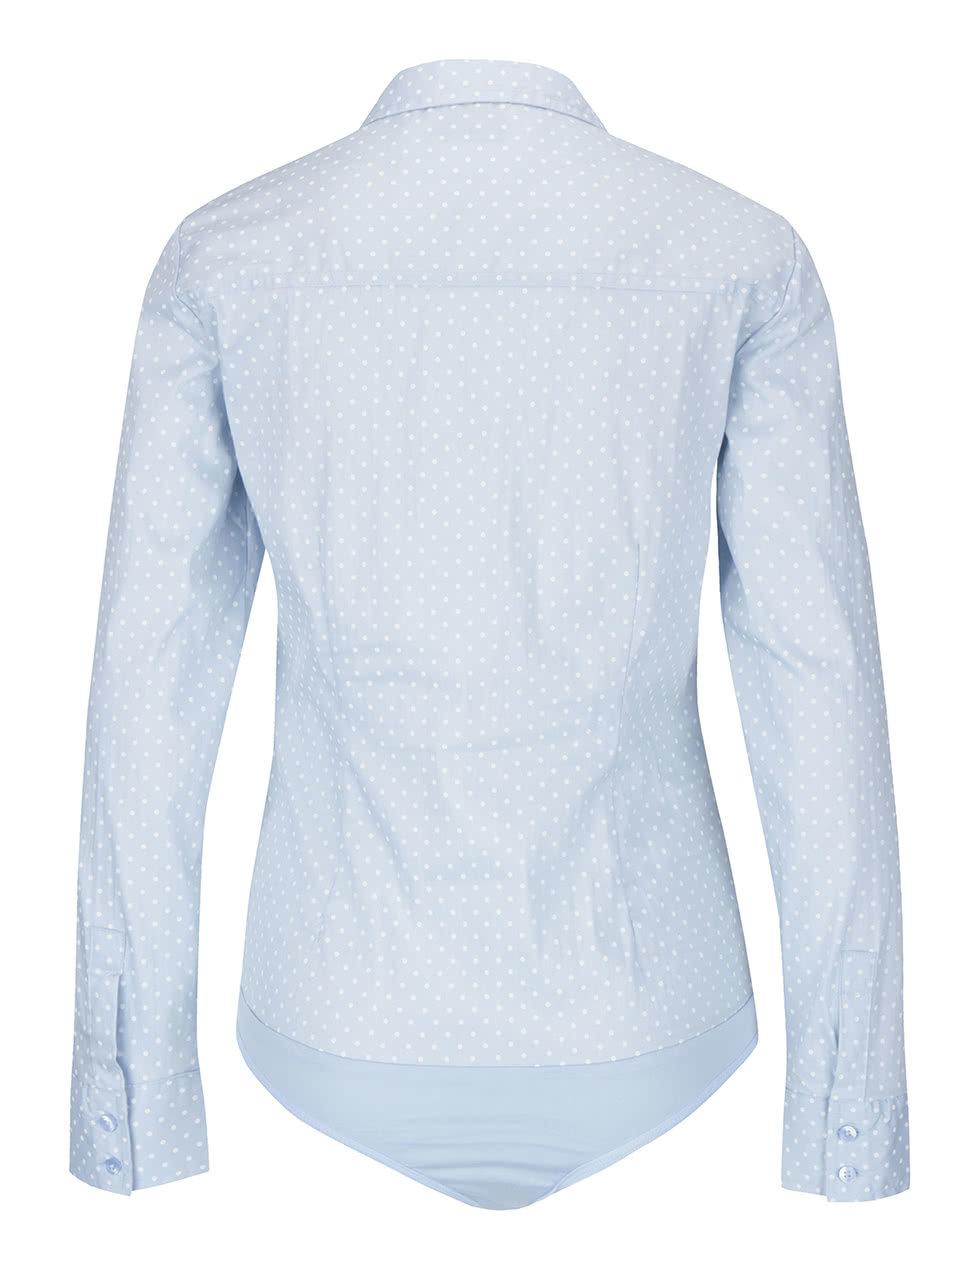 25fe8c961207 Svetlomodrá vzorovaná body košeľa VERO MODA Lady ...